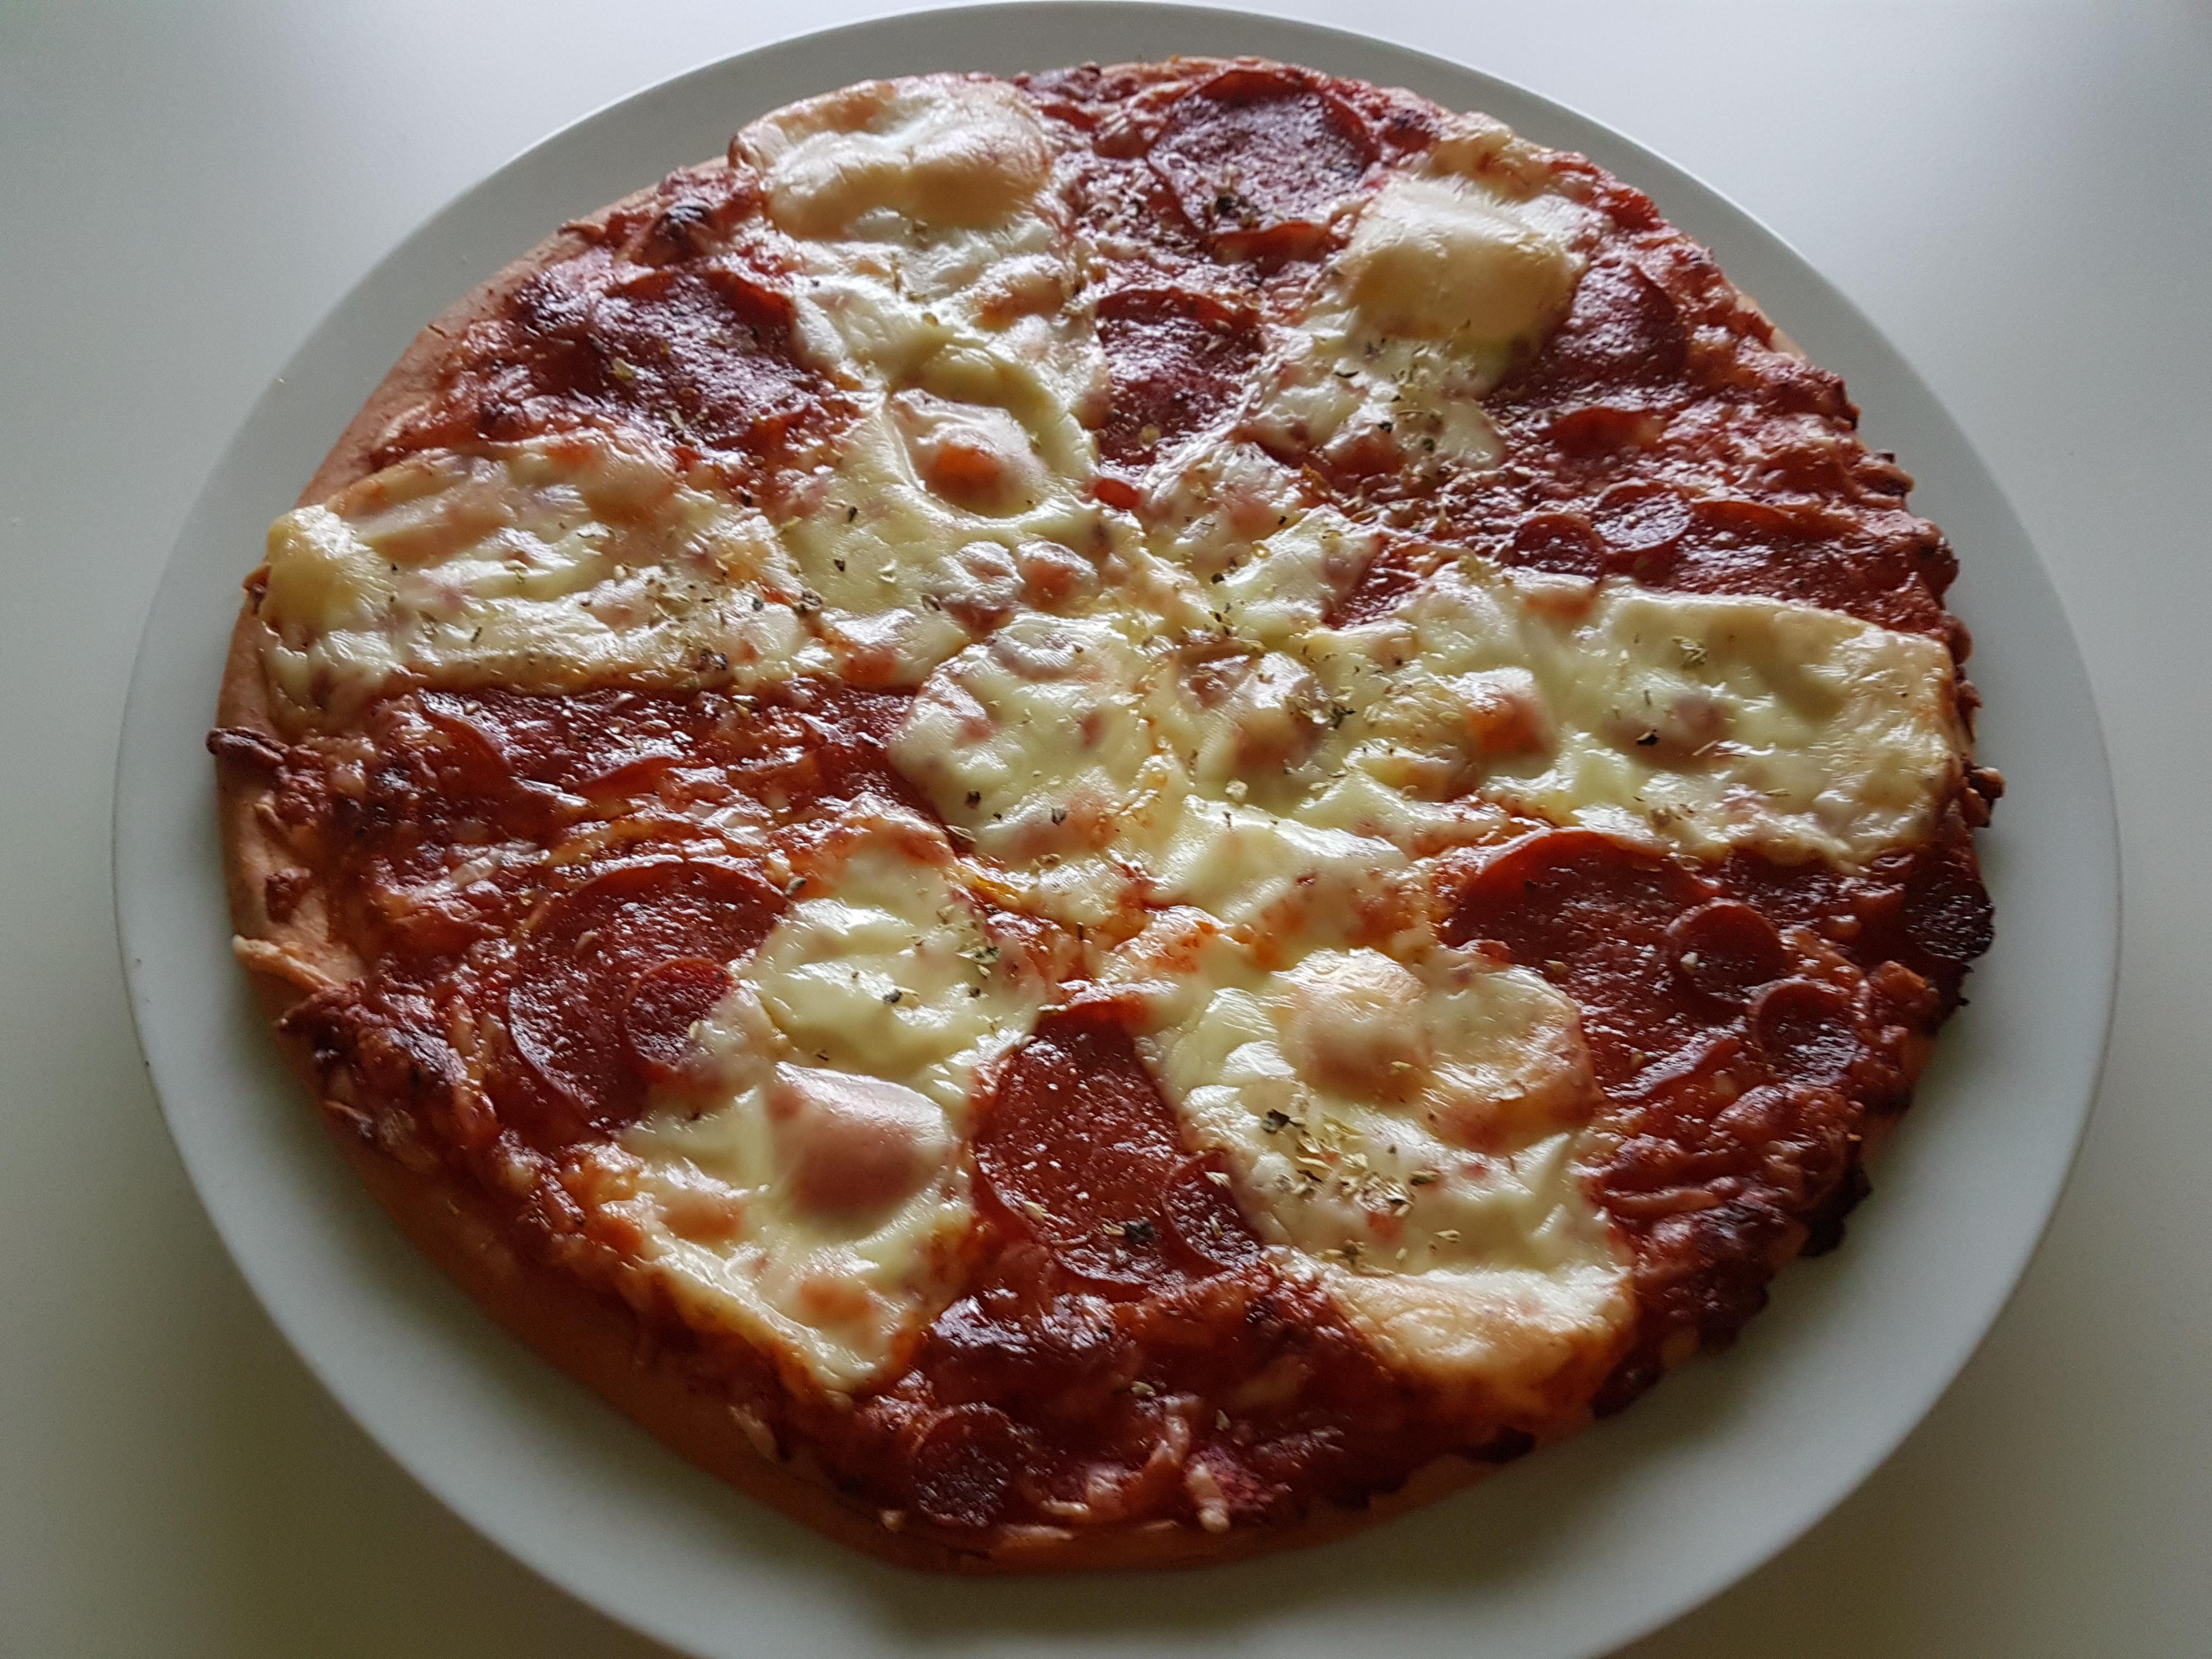 https://foodloader.net/Holz_2018-10-17_Pizza.jpg